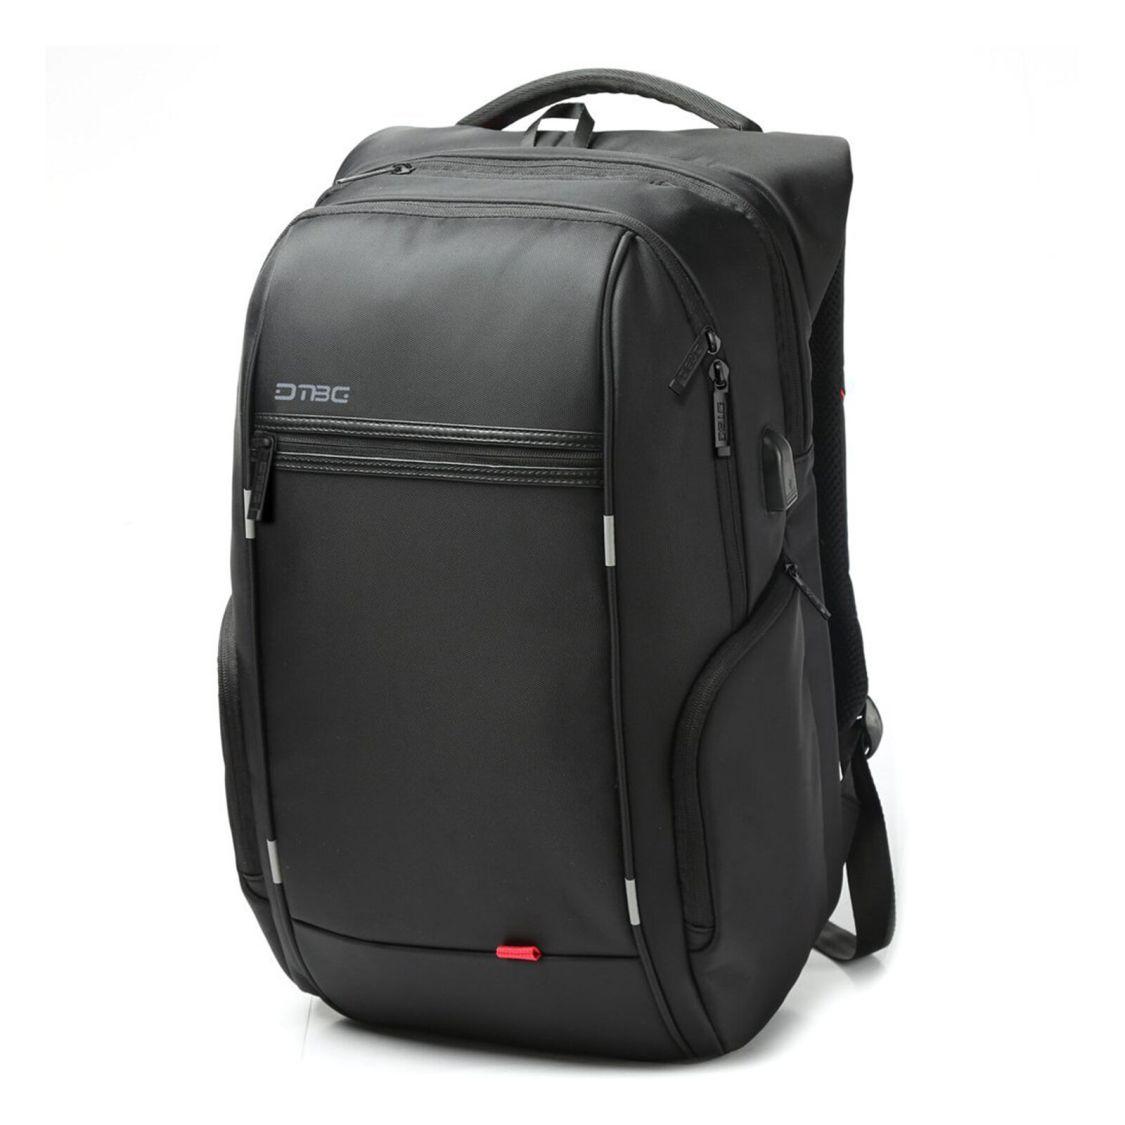 15,6 ZOLL Laptop Rucksack wasserdicht Schulrucksack Tasche mit USB Port